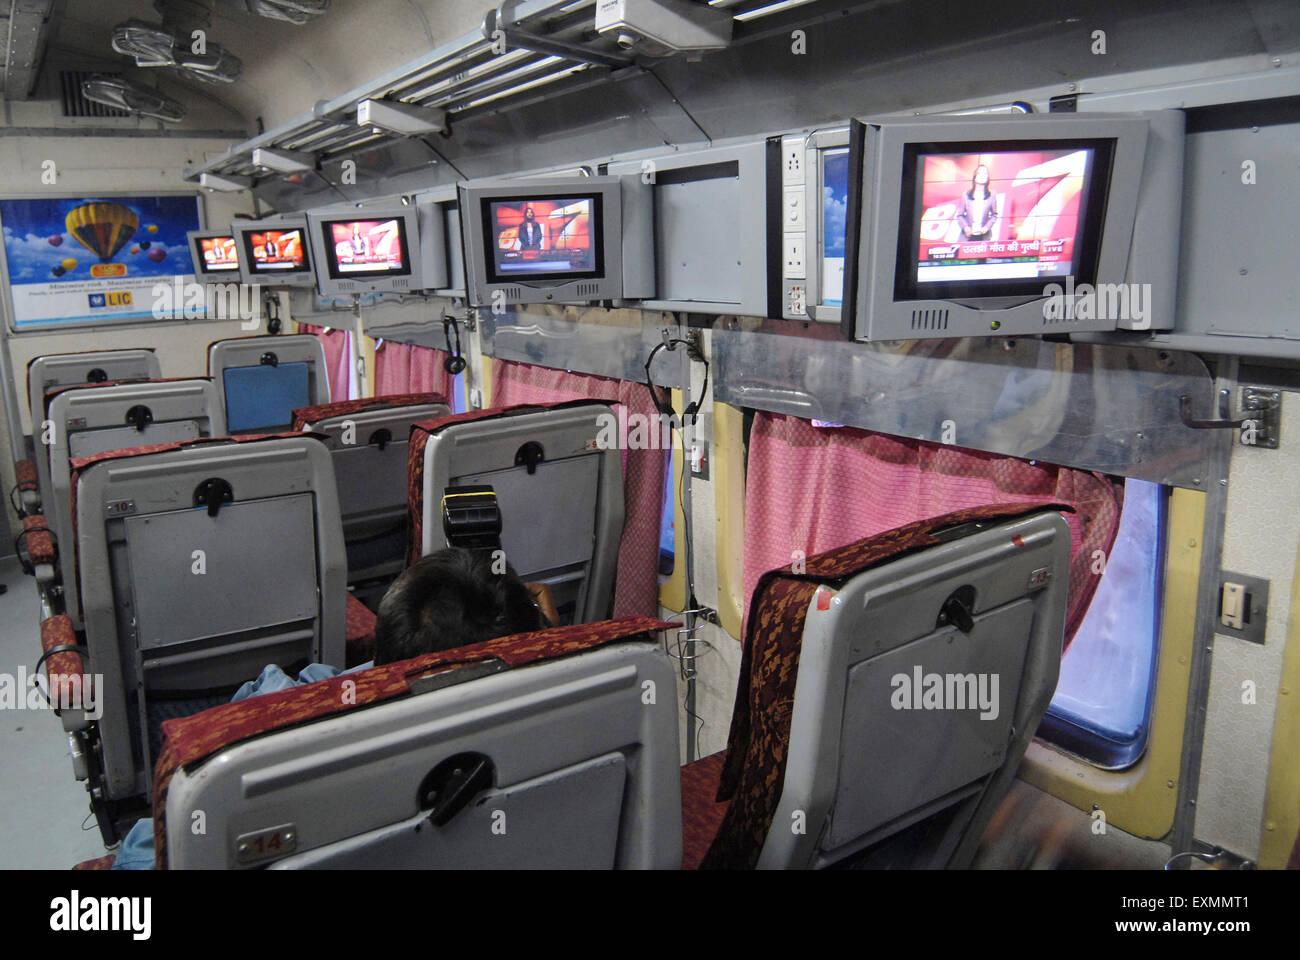 Indian Railways einzuführen Fernsehgeräte auf experimenteller Basis in einem der klimatisierten Drehgestell Stockbild